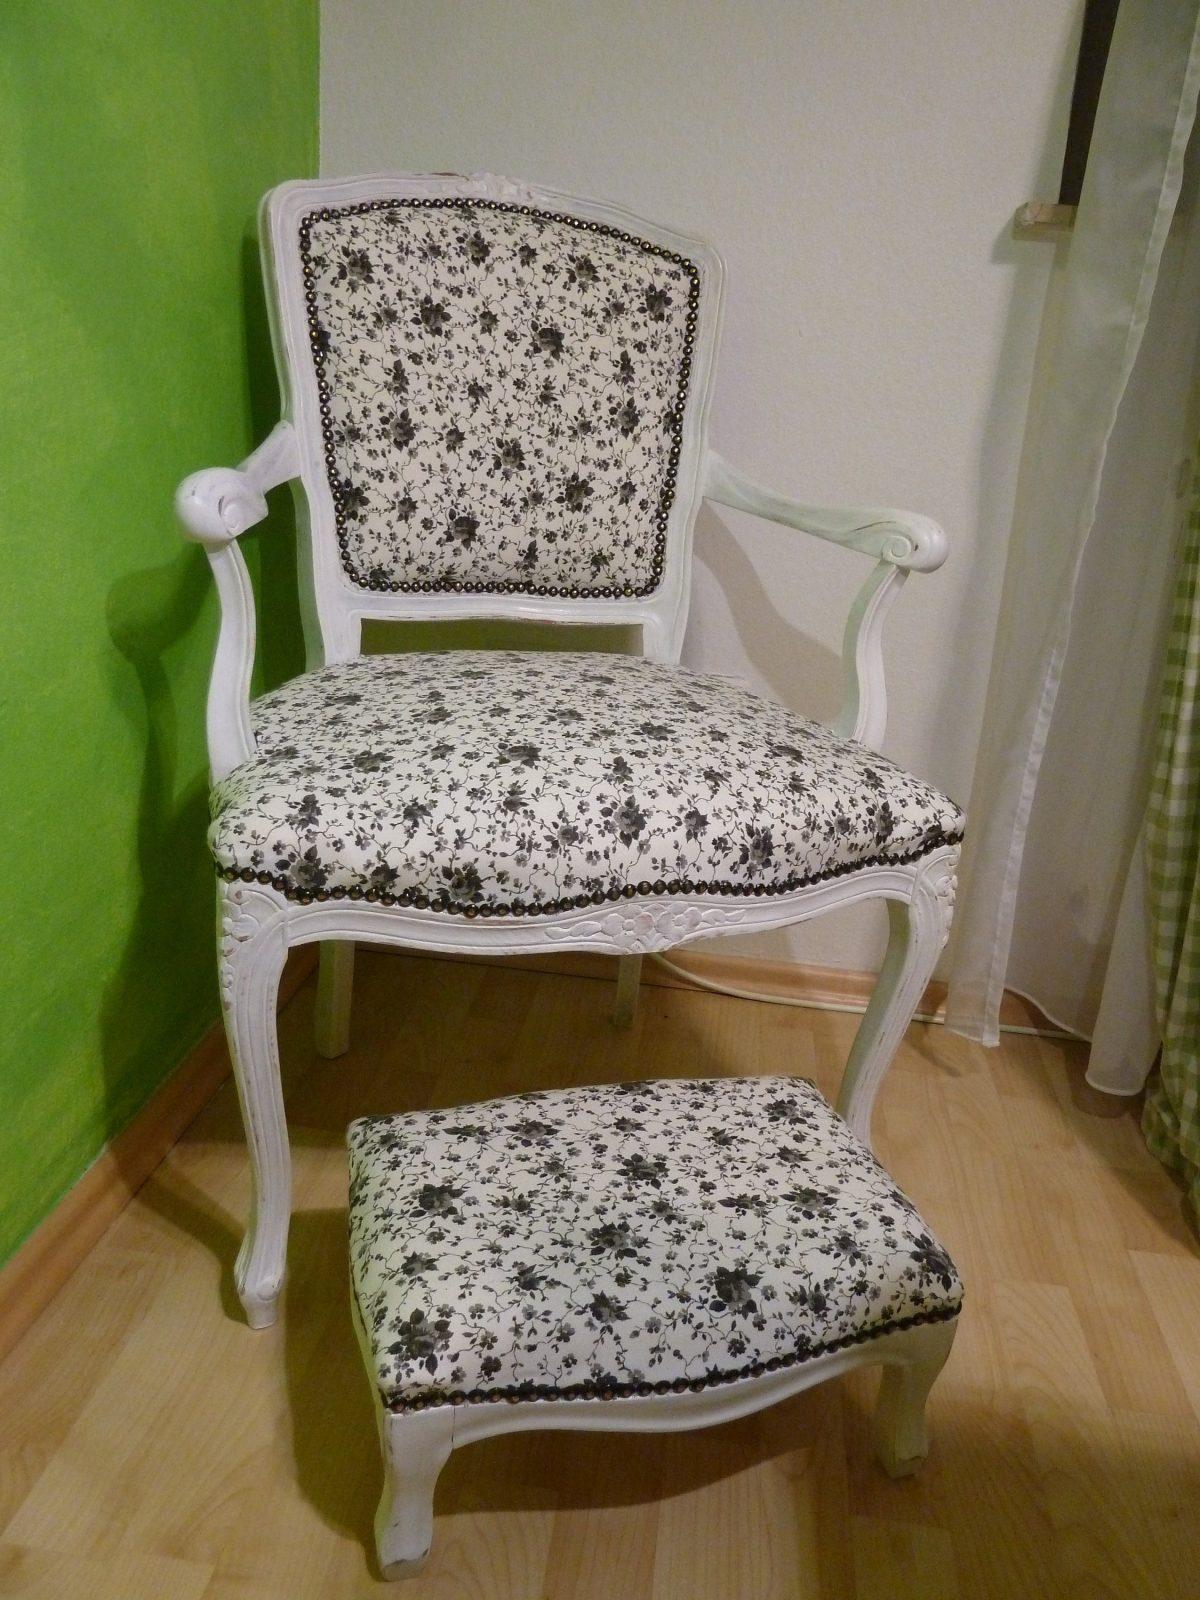 Shabby Chic Stuhl Und Schemel – Nikalena von Stühle Shabby Chic Selber Machen Photo